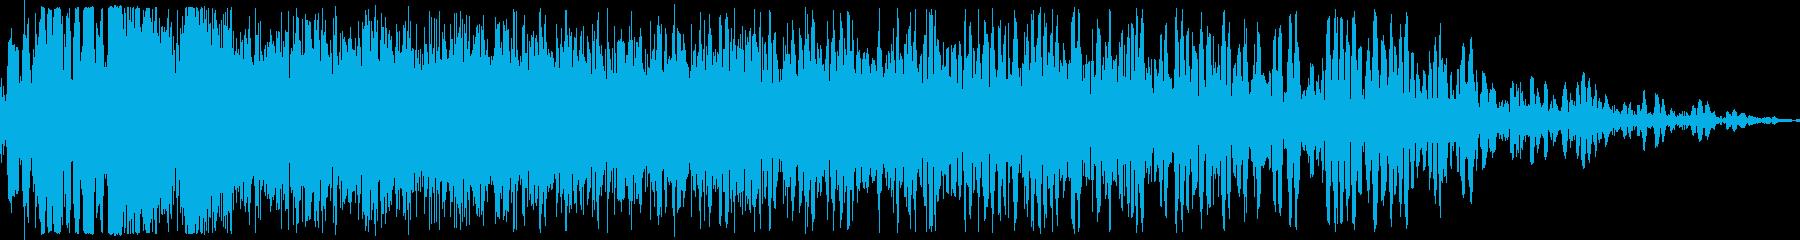 必殺技ヒット(強烈な打撃音)の再生済みの波形